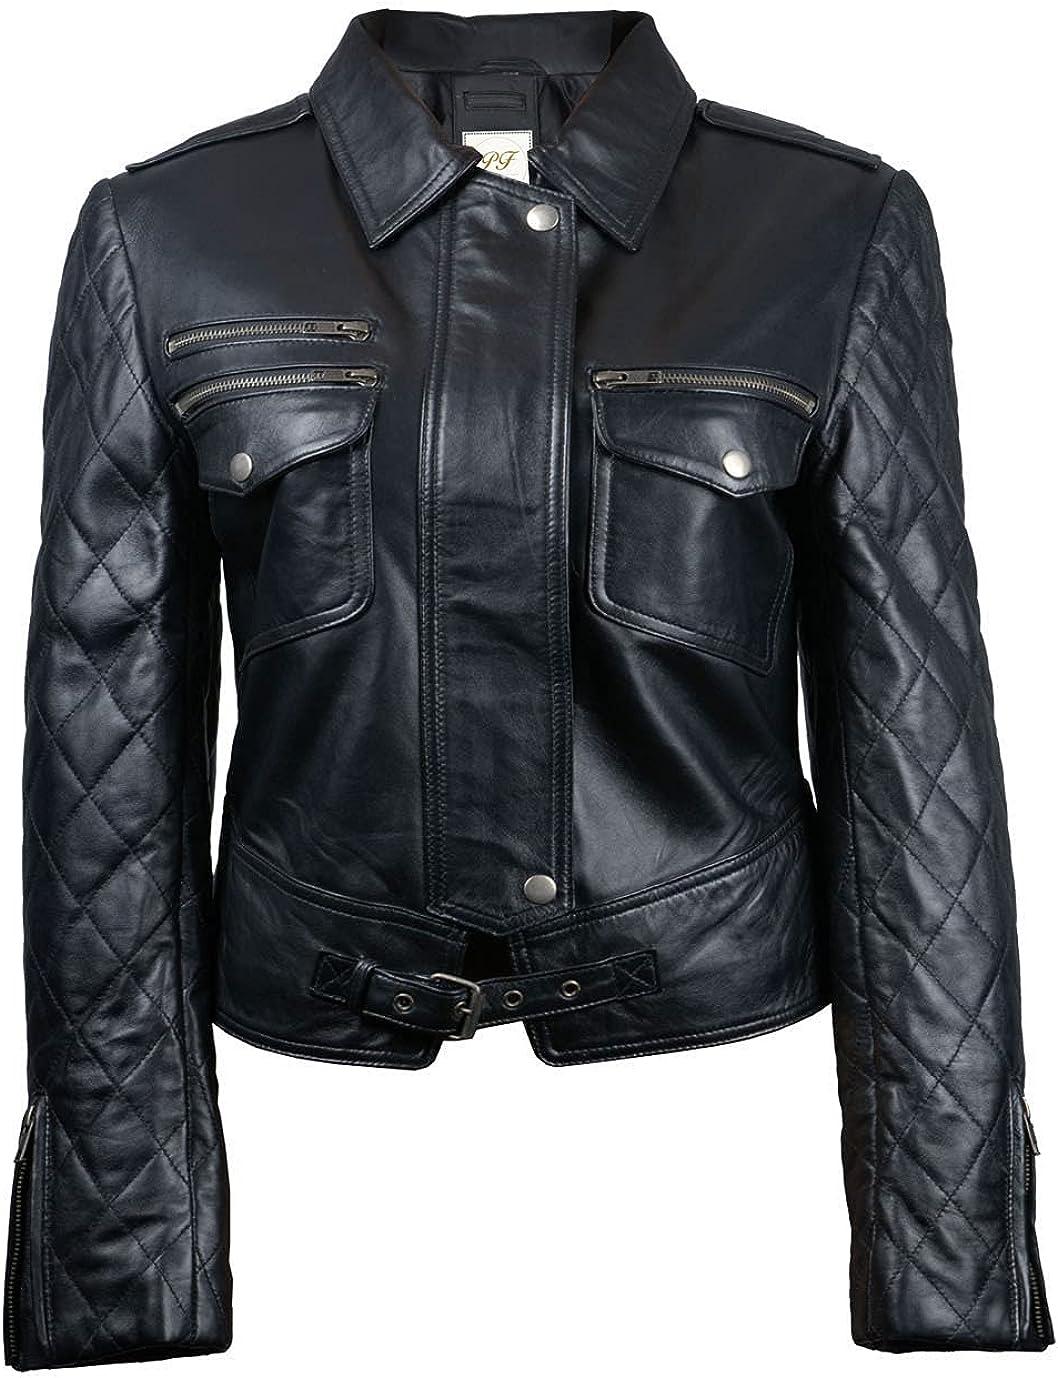 Pelletteria Factory Ravine Black Biker Womens Real Faux Leather Jacket - Biker Faux Leather Jacket